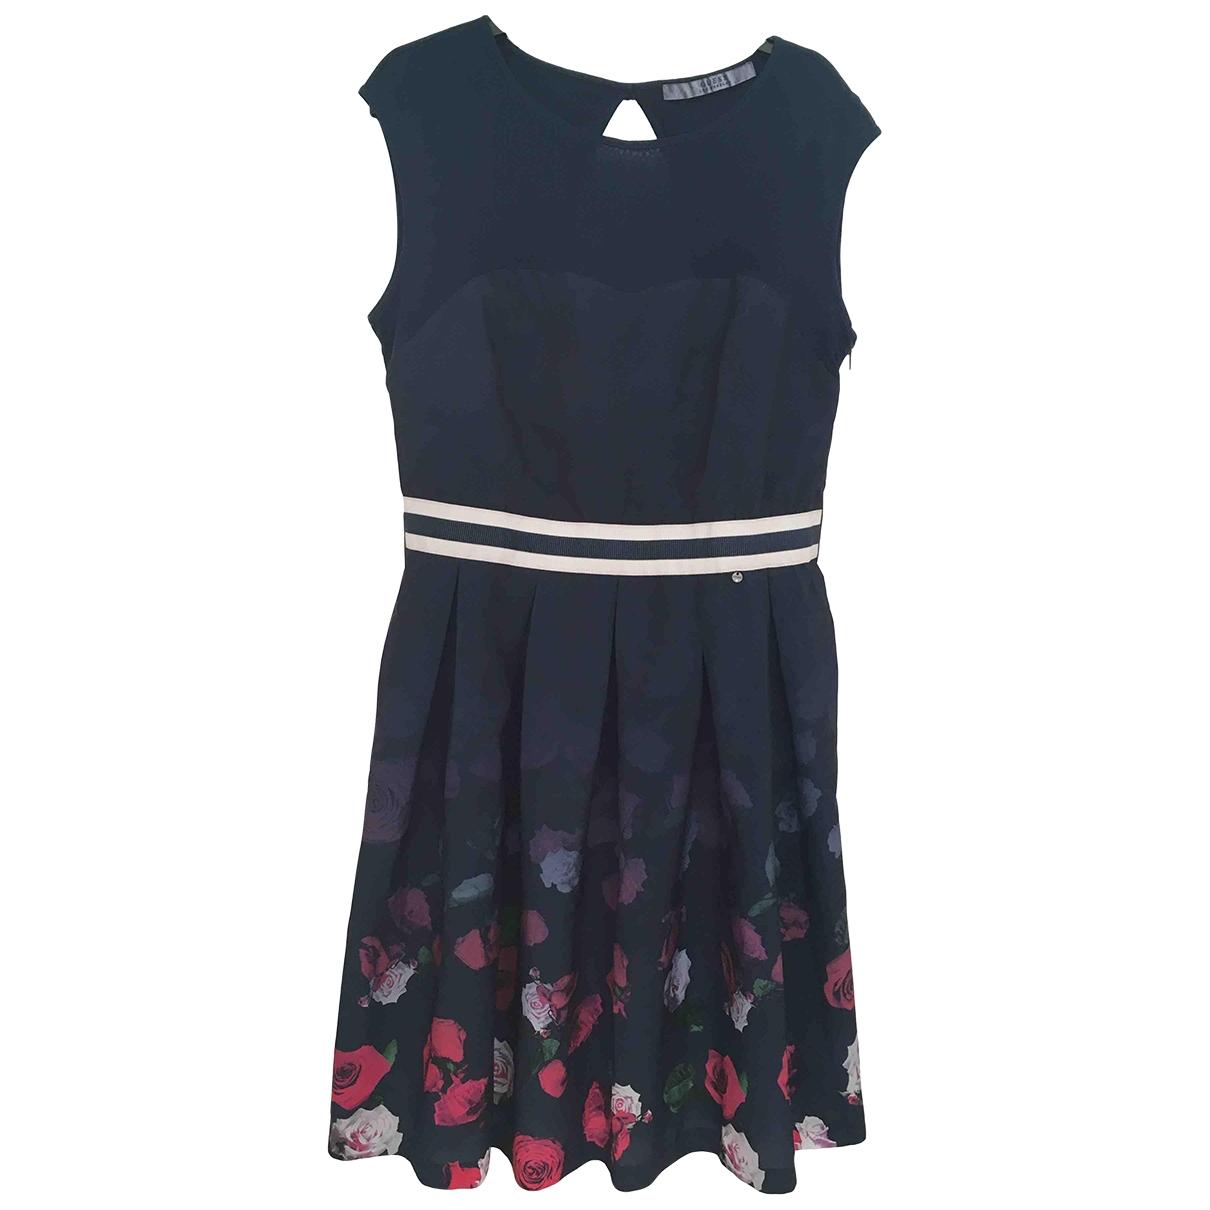 Guess \N Blue dress for Women M International